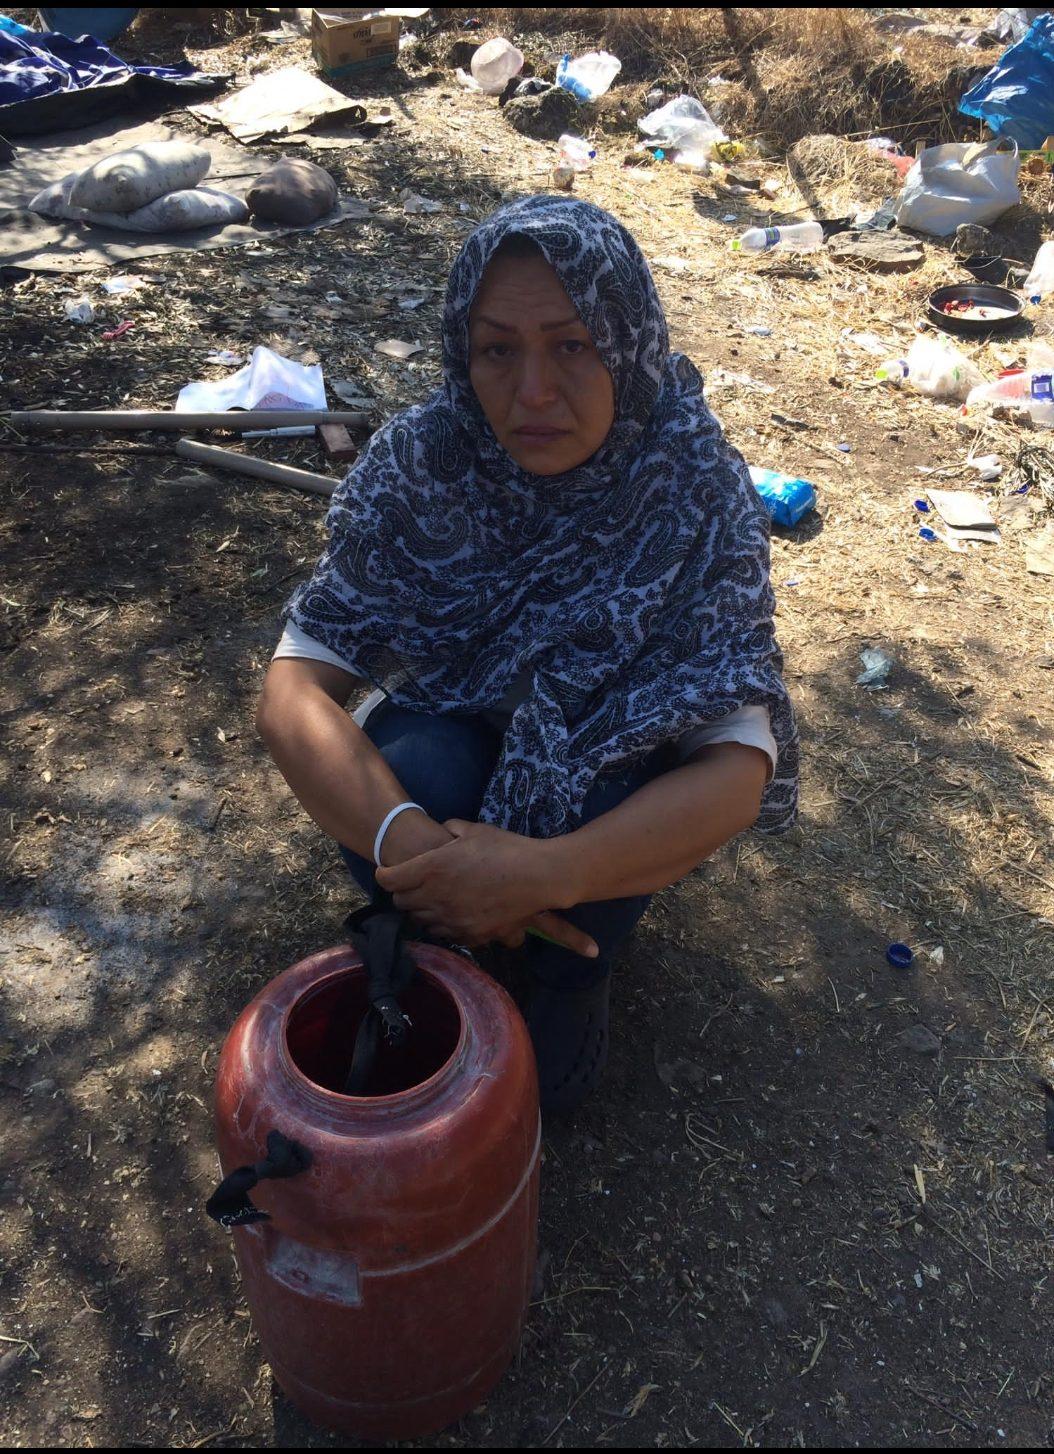 6. Bild: Frau sitzt vor einem Plastikbehältnis auf dem Erdboden. Im Hintergrund ein Notlager.